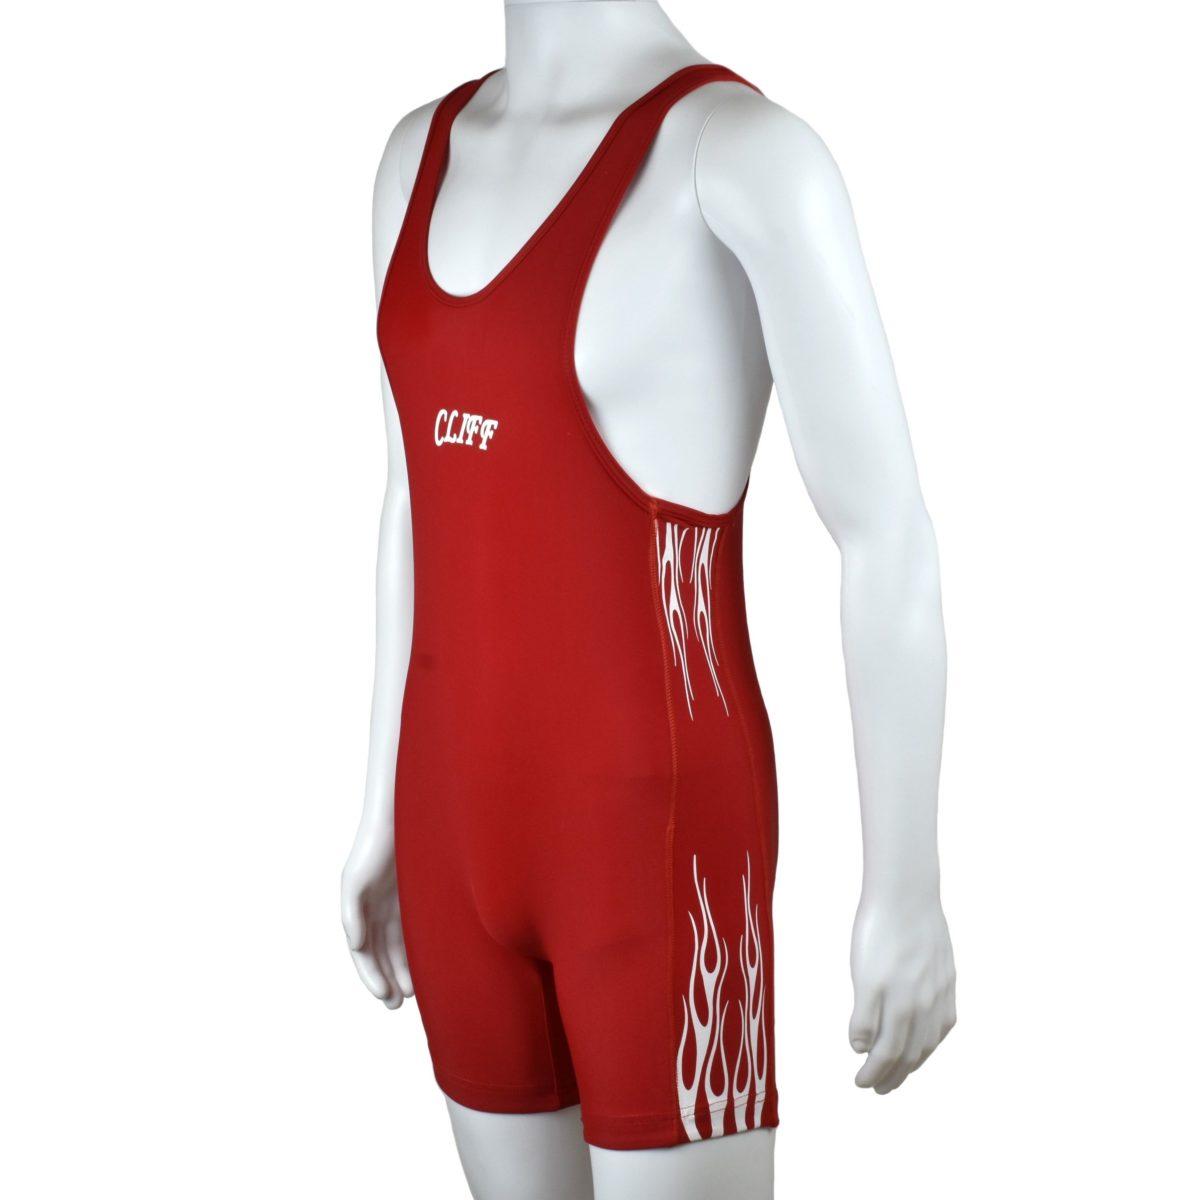 CLIFF Трико борцовское  236: красный - 1